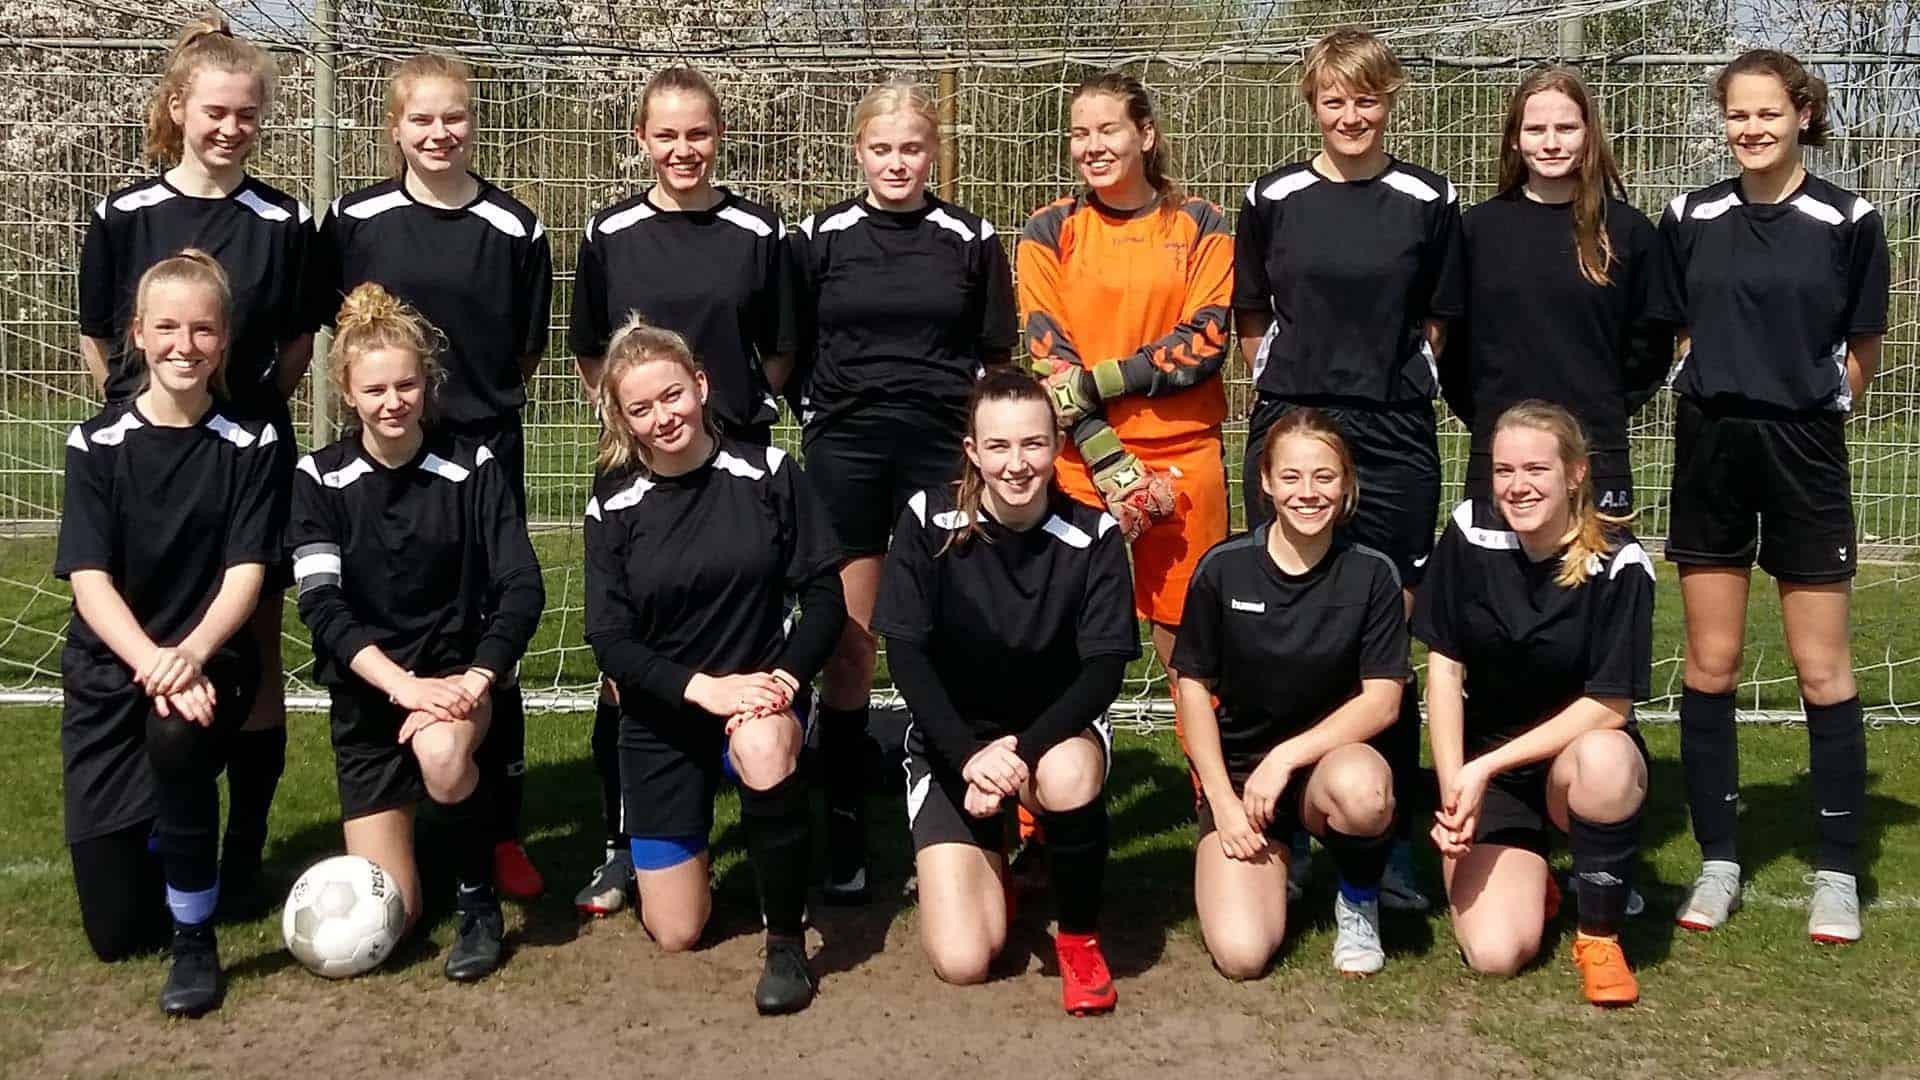 190412_damesteam_voetbal_RSG_schrijft_geschiedenis2